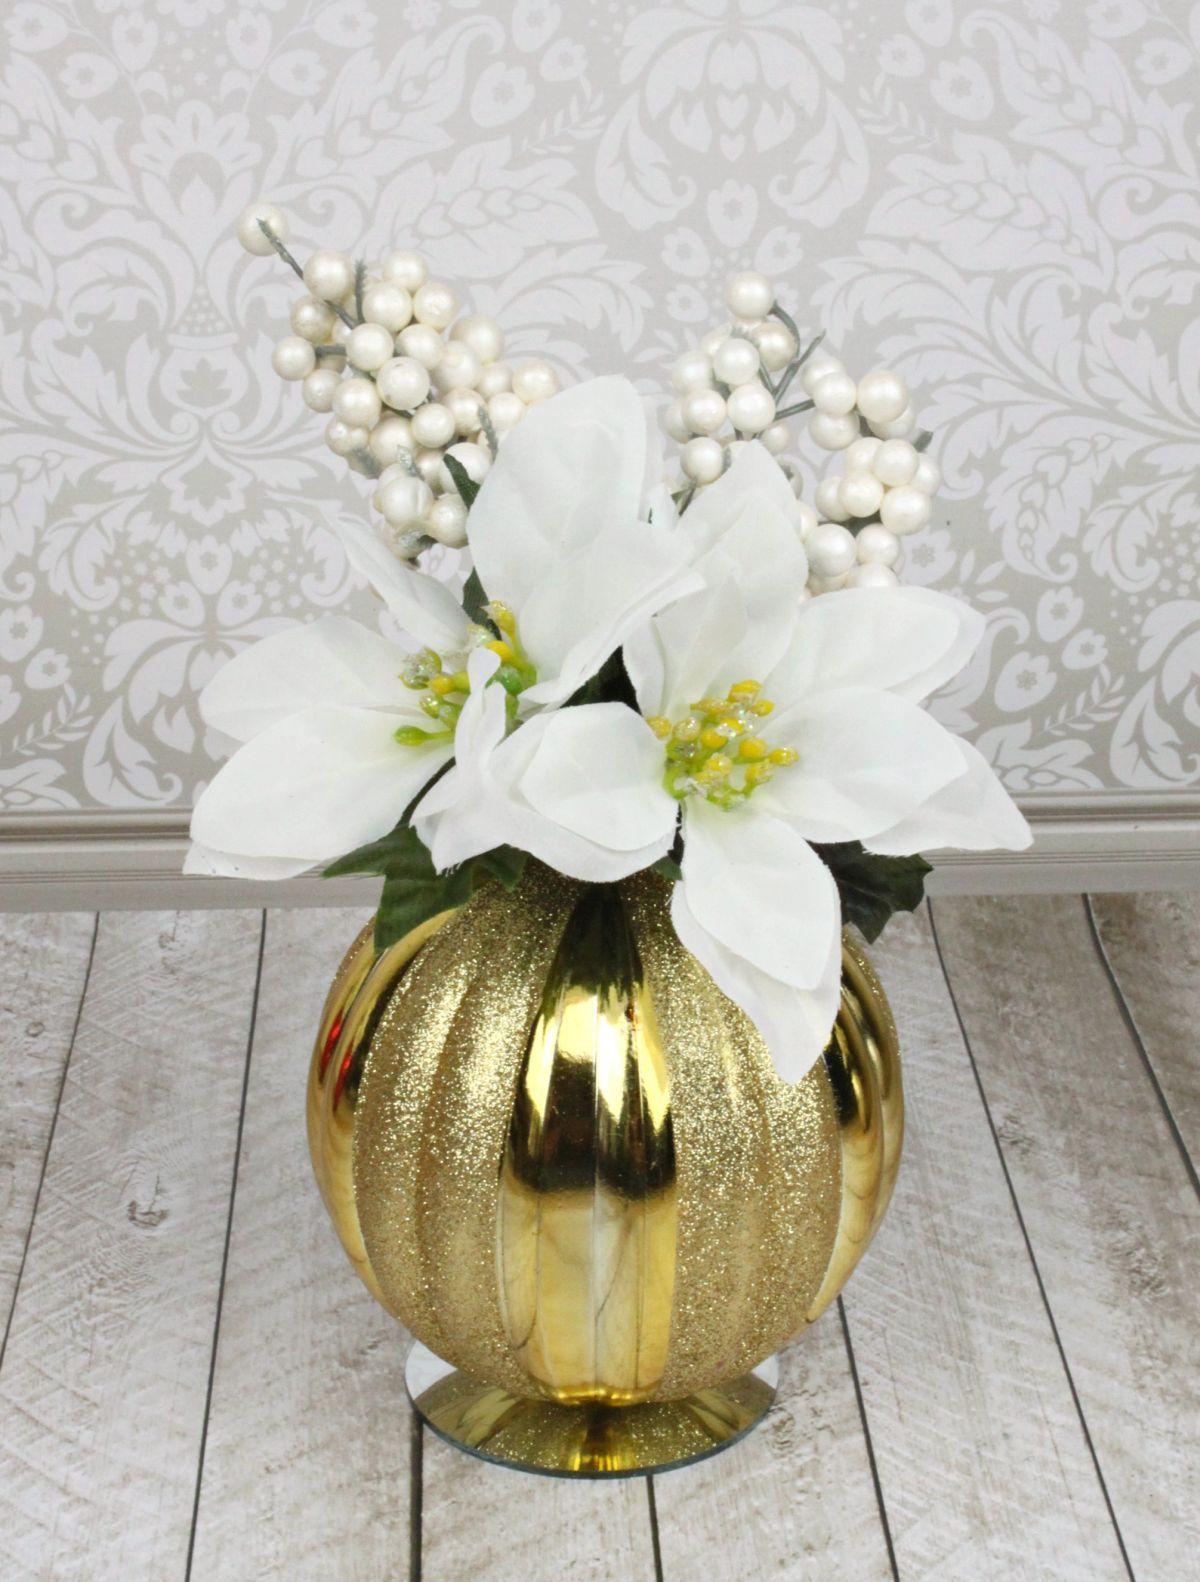 Badezimmer dekor tisch weihnachtsschmuck floral tisch dekor  die schönsten dekoration